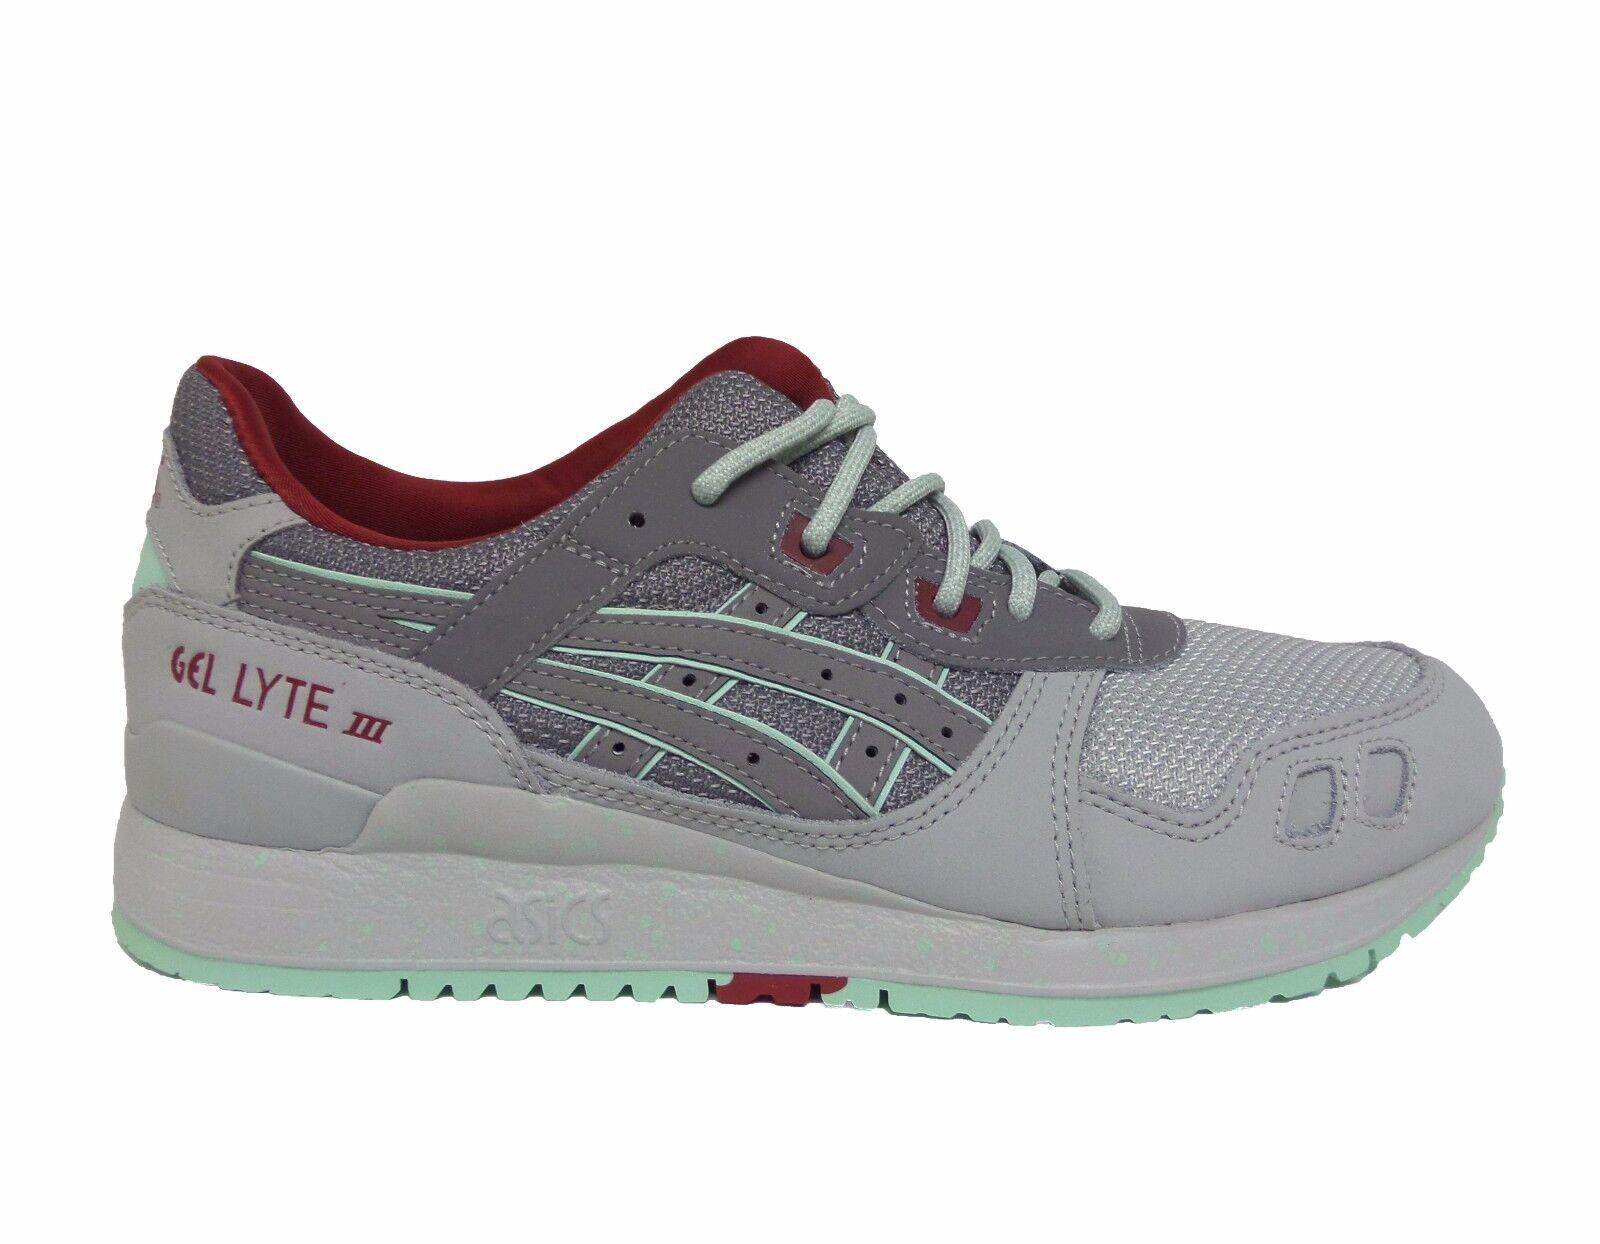 Asics Men's GEL-LYTE III Running shoes Aluminum H7LOL-9696 b